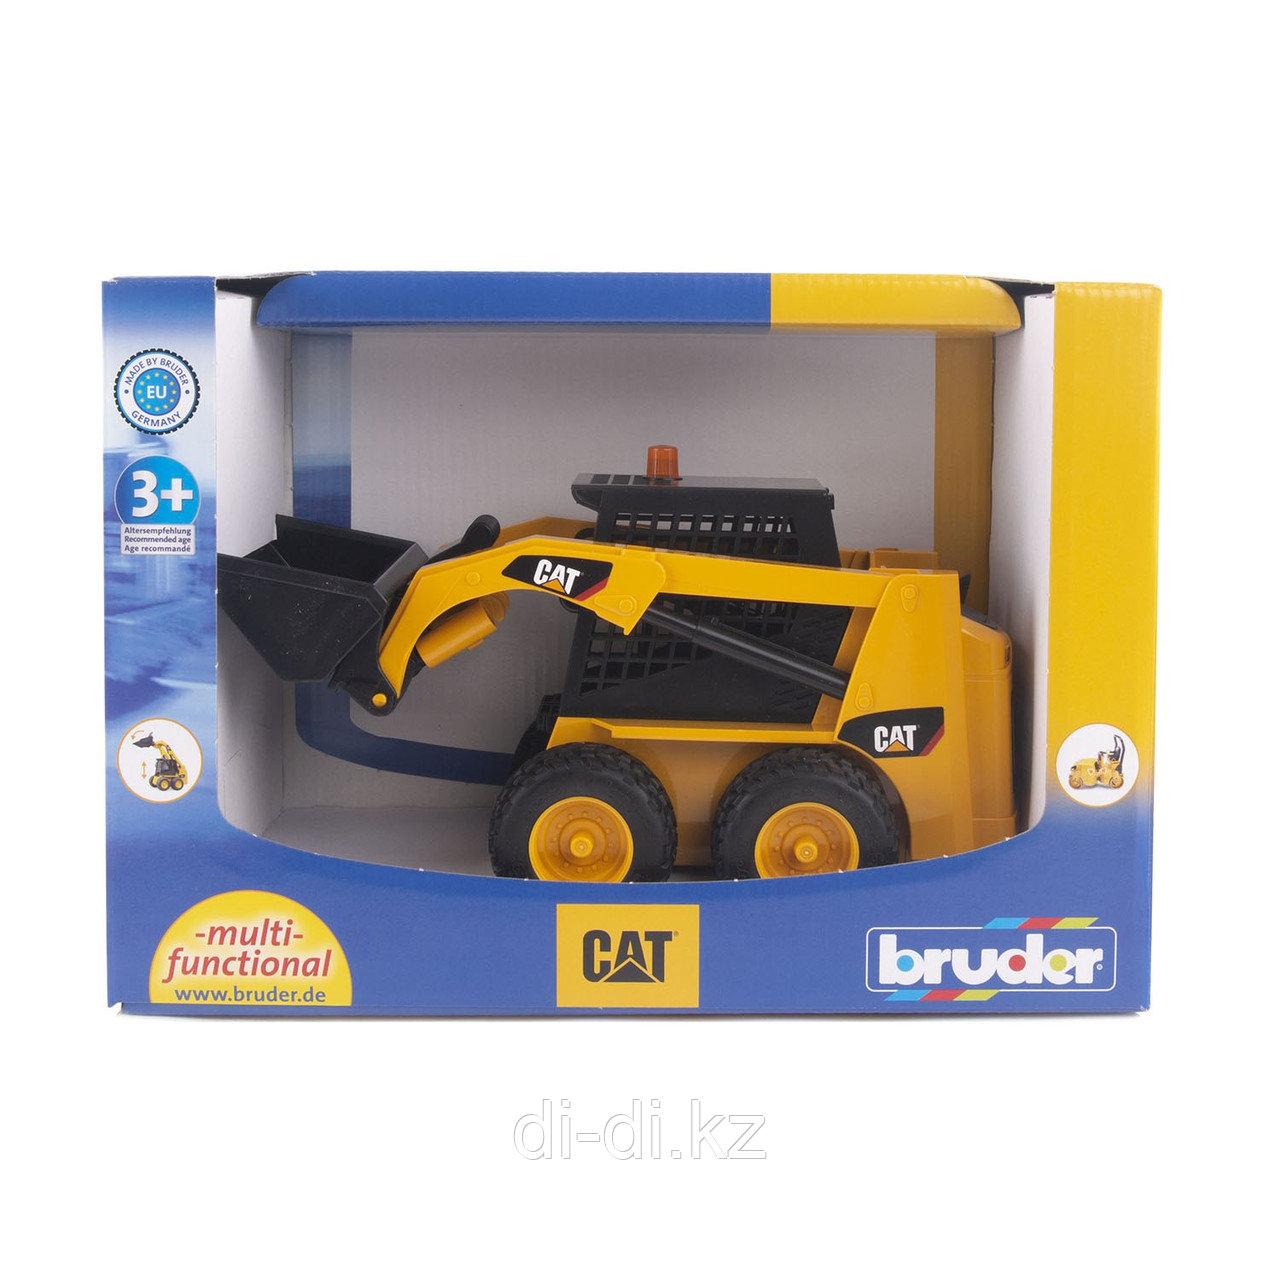 Погрузчик Bruder с бортовым поворотом Cat